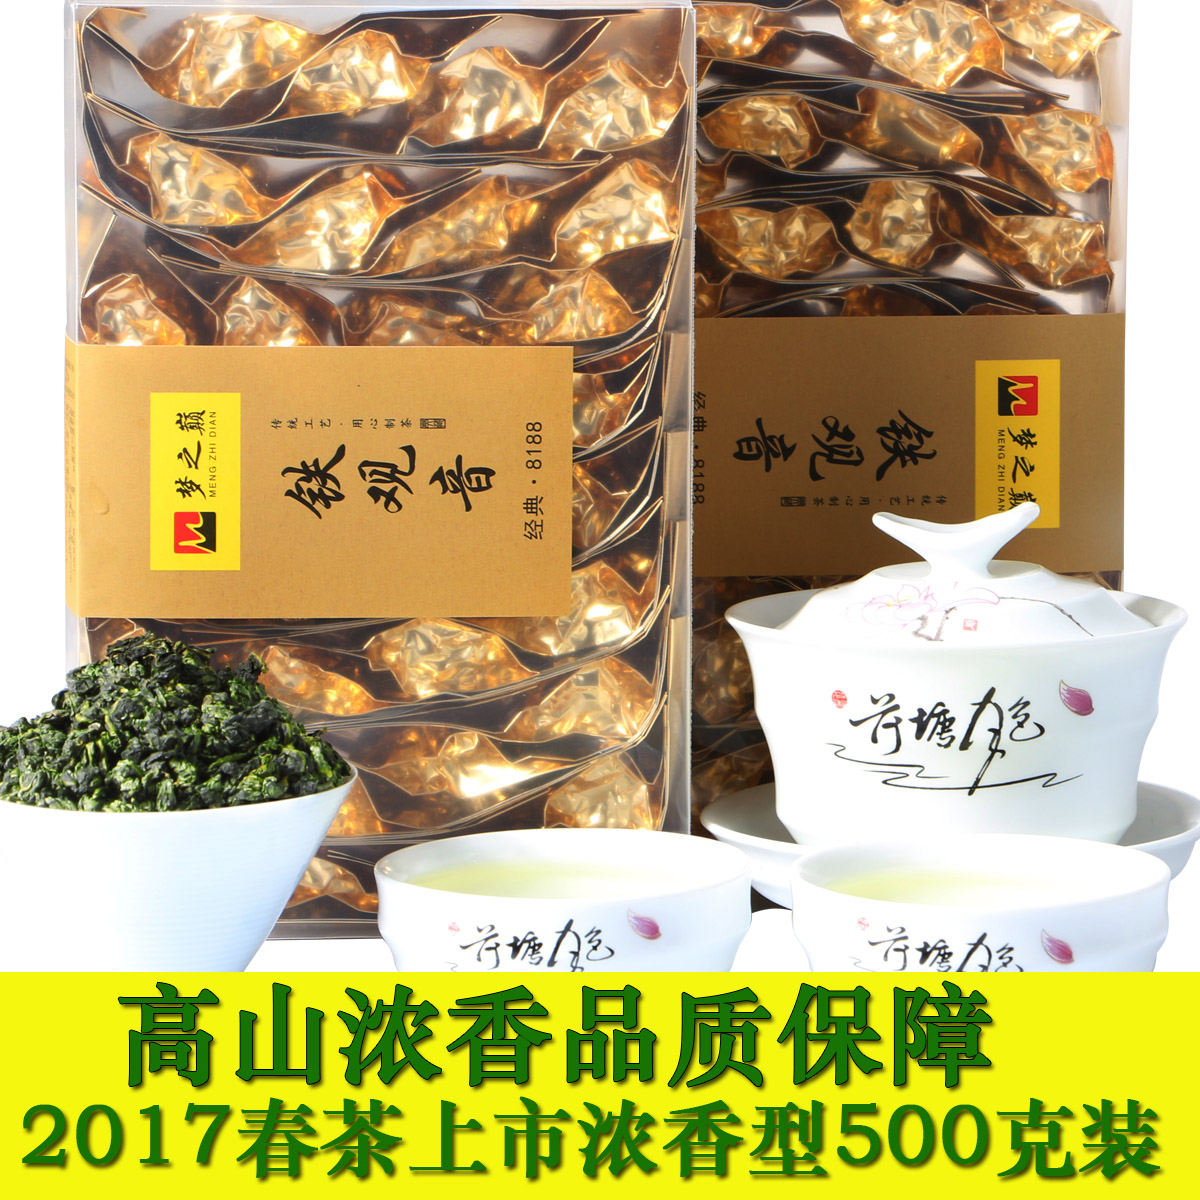 2017 весна чай сейф ручей железо гуань-инь подарок аромат тип альпийский орхидея ладан масса новый чай мешок 500g